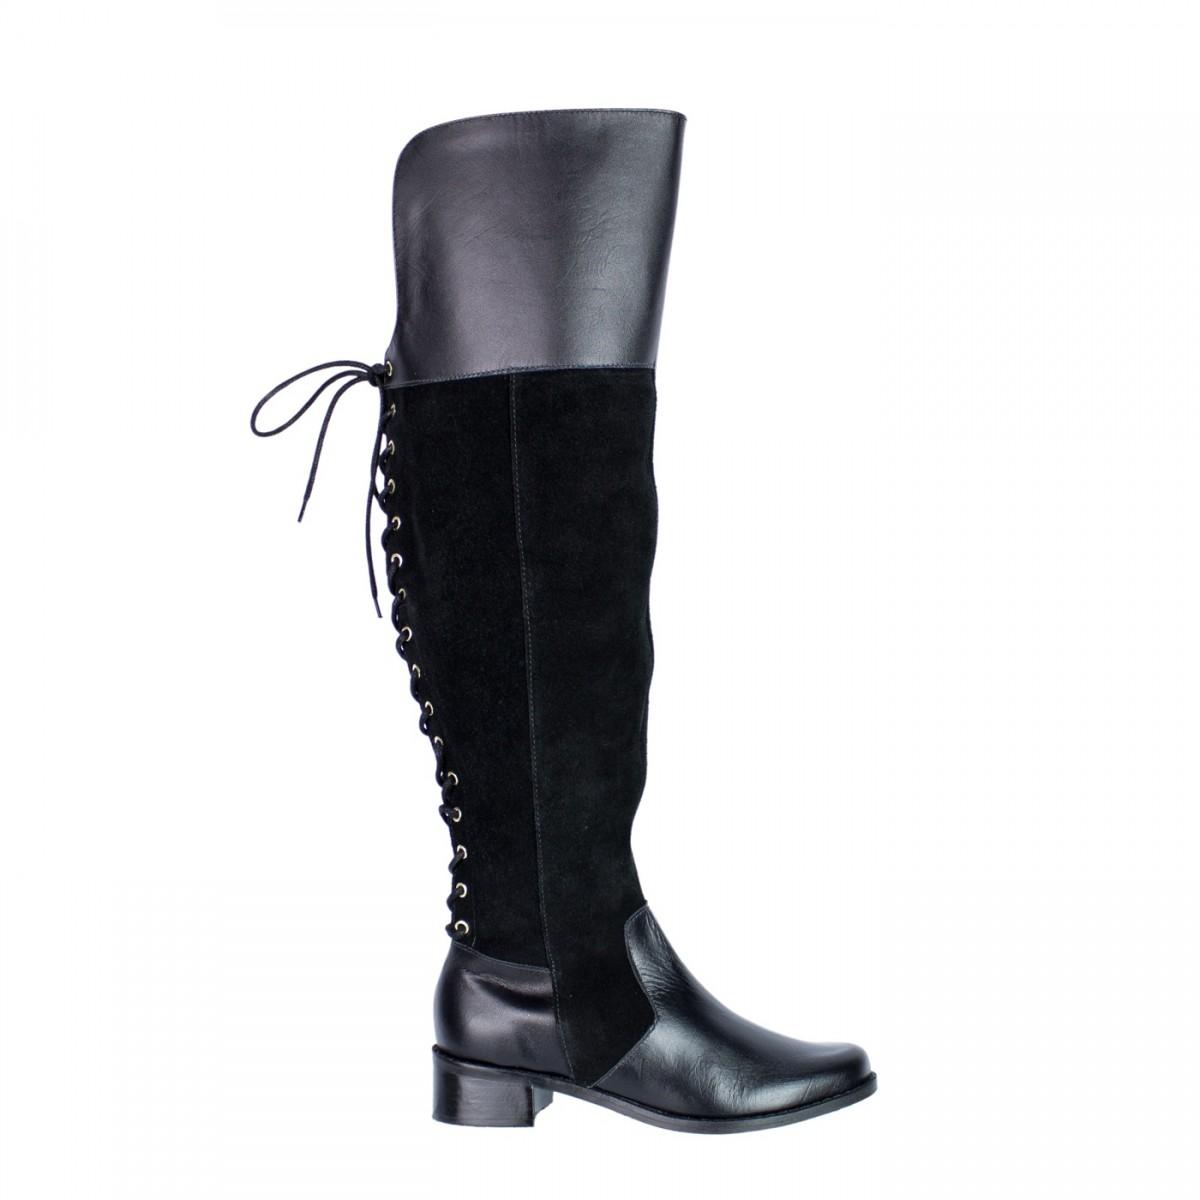 e3efb431f Bizz Store - Bota Feminina Over Knee Only Camurça Salto Baixo